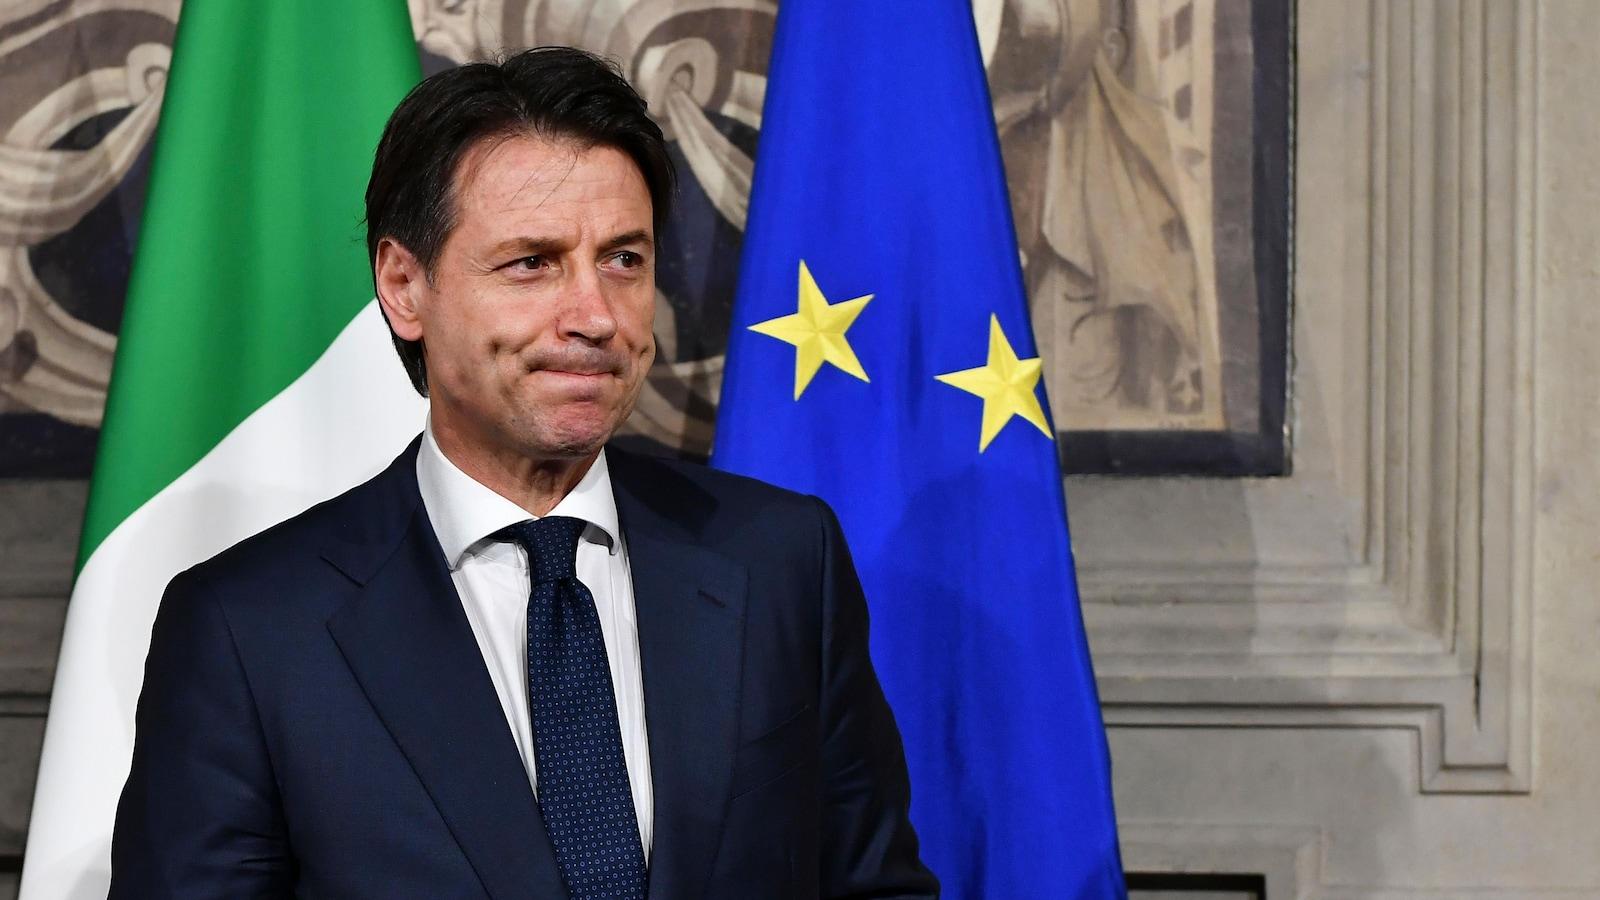 Giuseppe Conte, la mine basse, devant des drapeaux de l'Italie et de l'Union européenne.